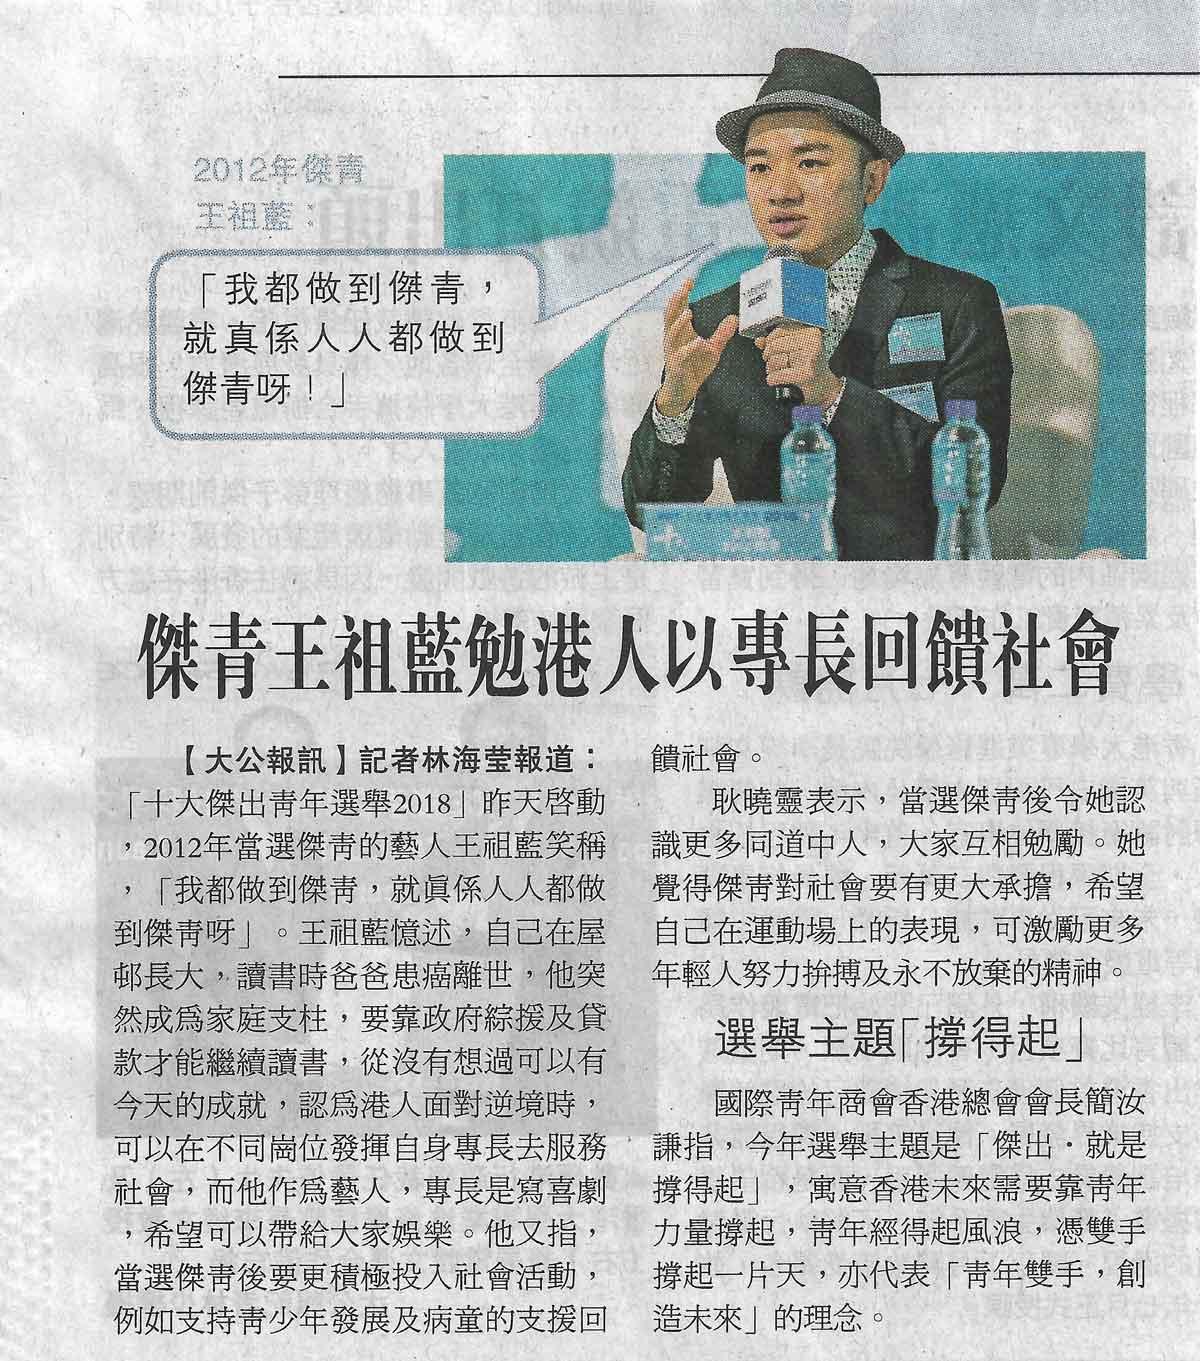 傑青王祖藍勉港人以專長回饋社會